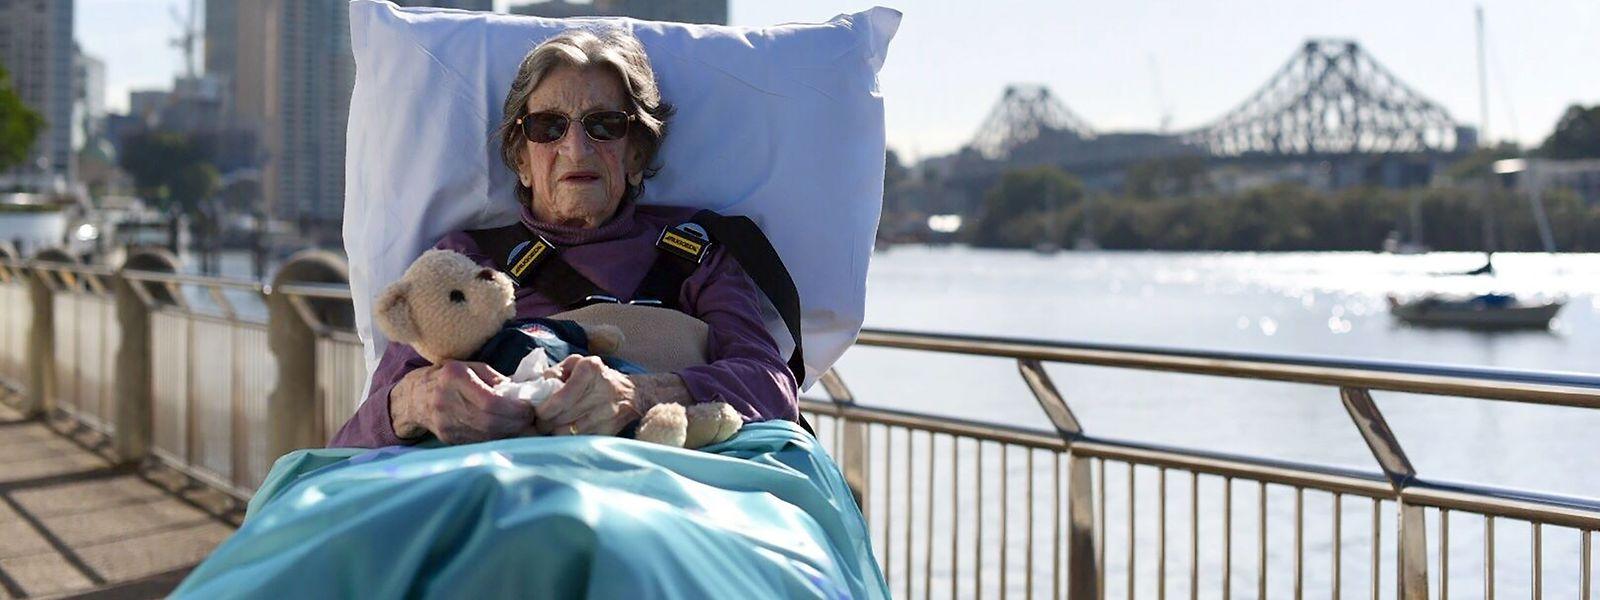 Cette photo prise le 25 juillet 2019 et publiée par Palliative Care Queensland Inc.montre Betty Dquelqowsett, 92 ans, qui a quitté les soins palliatifs pour passer quelques heures au soleil de Brisbane.